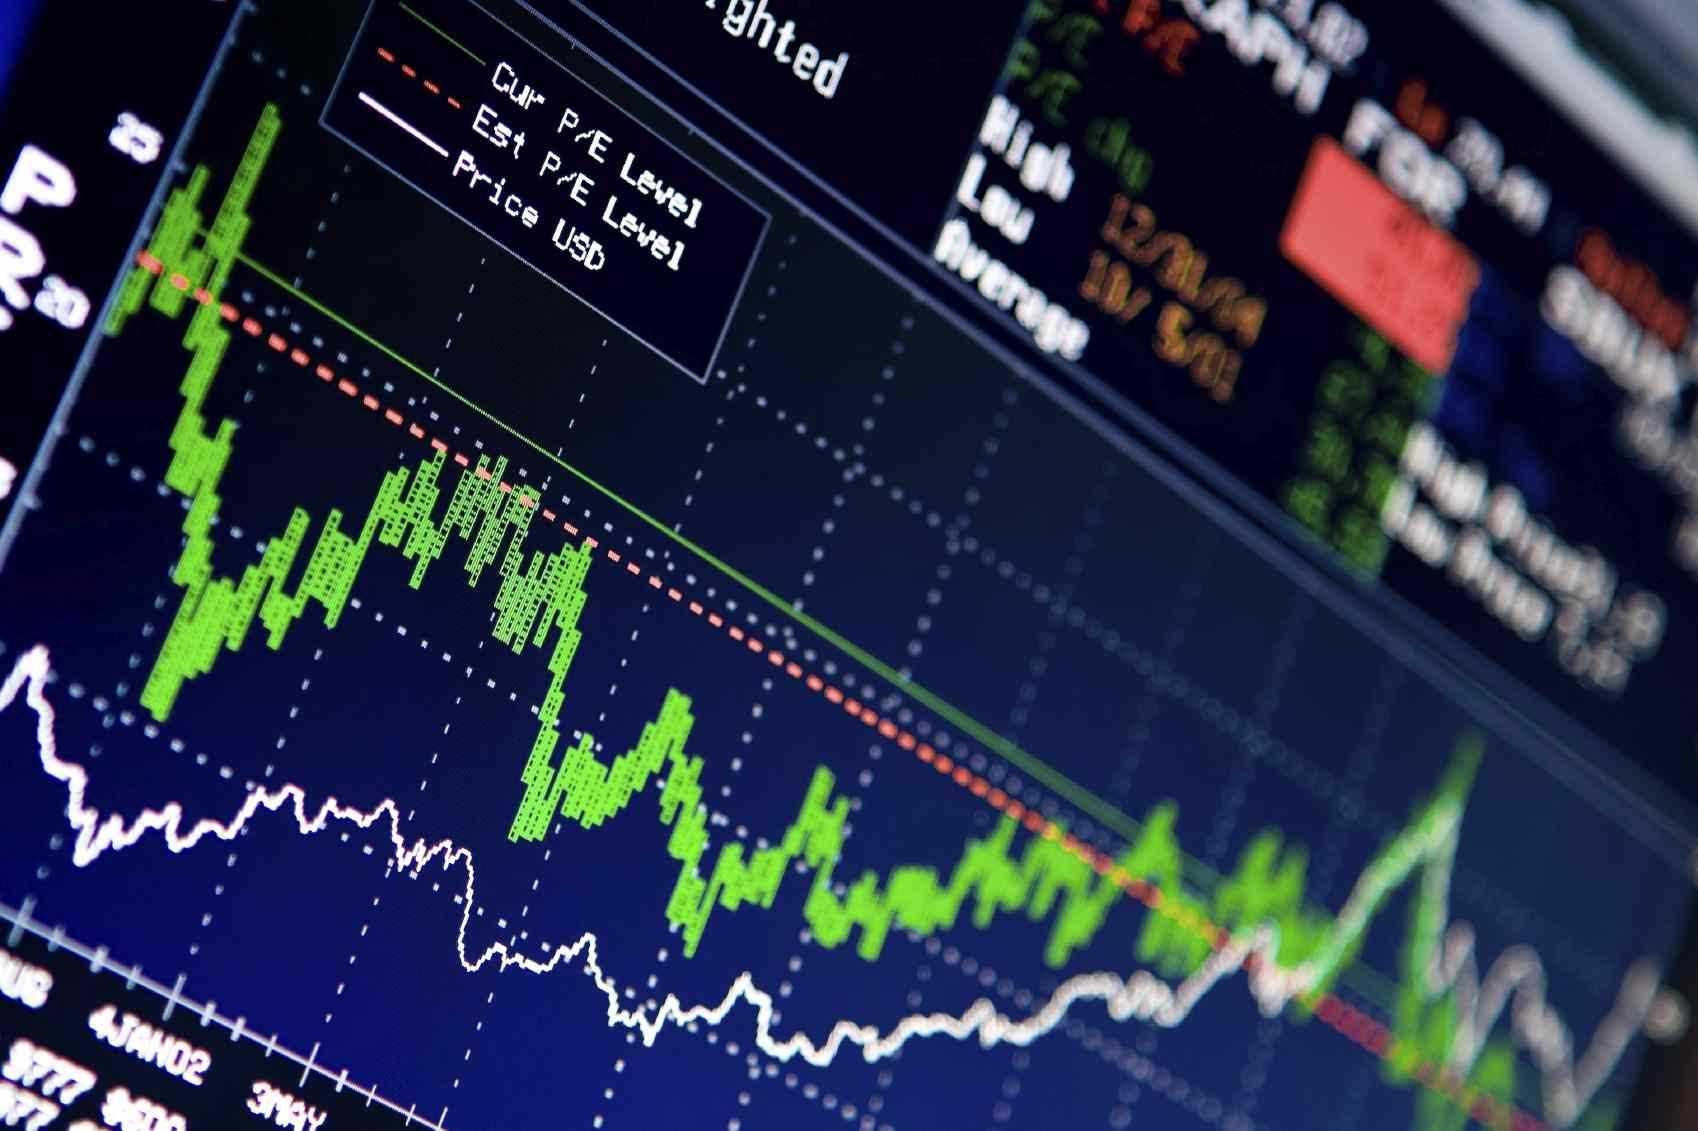 Đầu tư chứng khoán ảo là gì? Lợi ích từ Đầu tư Chứng khoán ảo